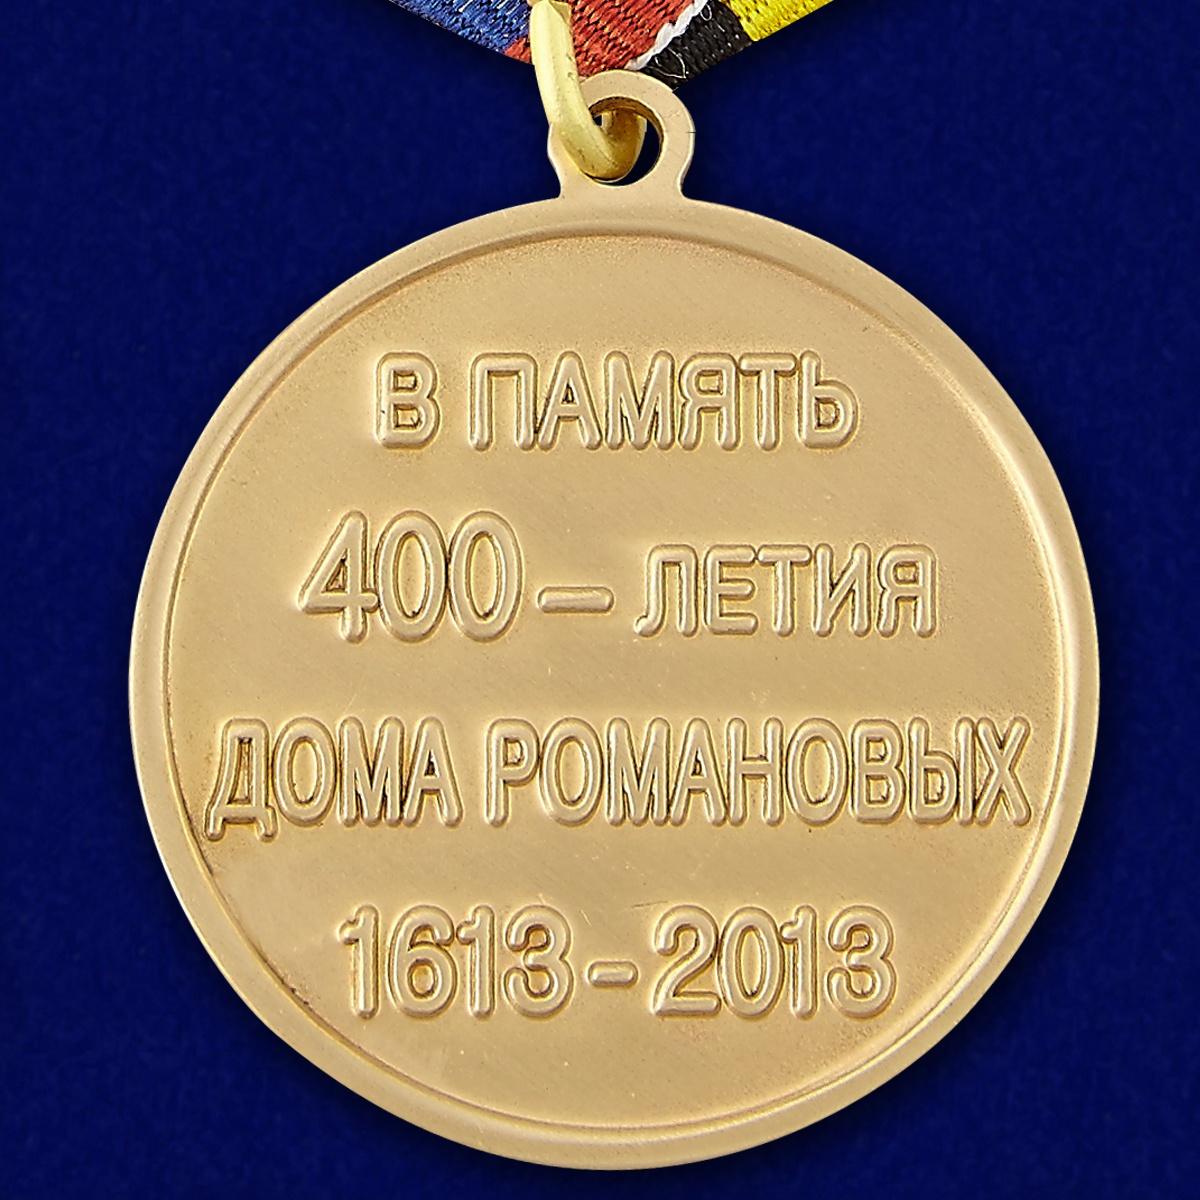 """Медаль """"В память 400-летия Царствования Дома Романовых"""" - оборотная сторона"""